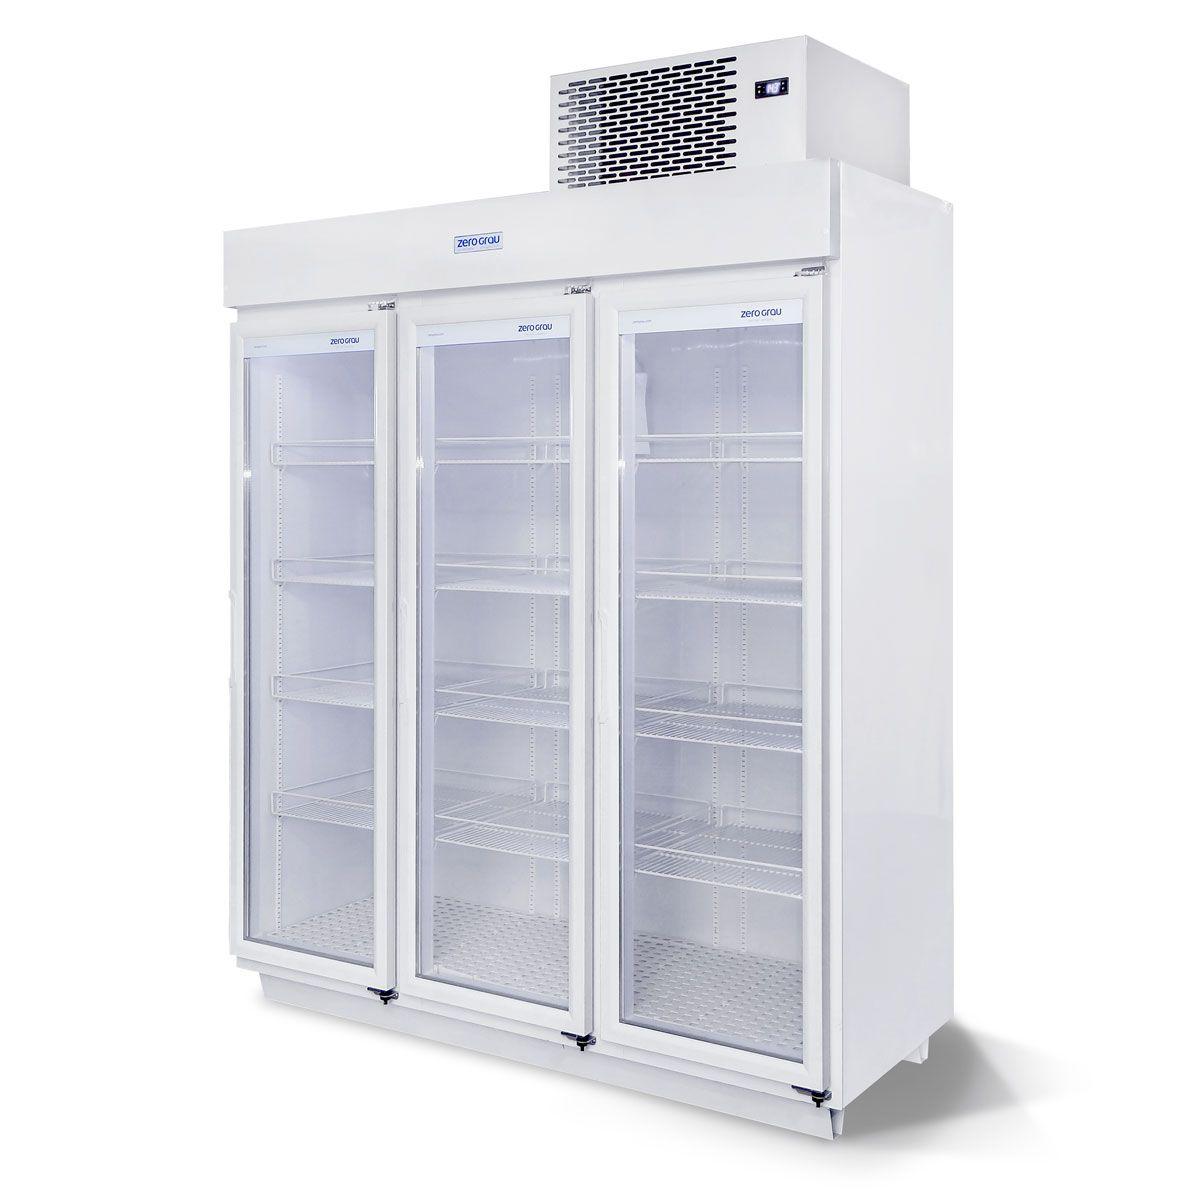 Expositor 1590 Litros 3 Portas para Resfriados Até - 7 Graus